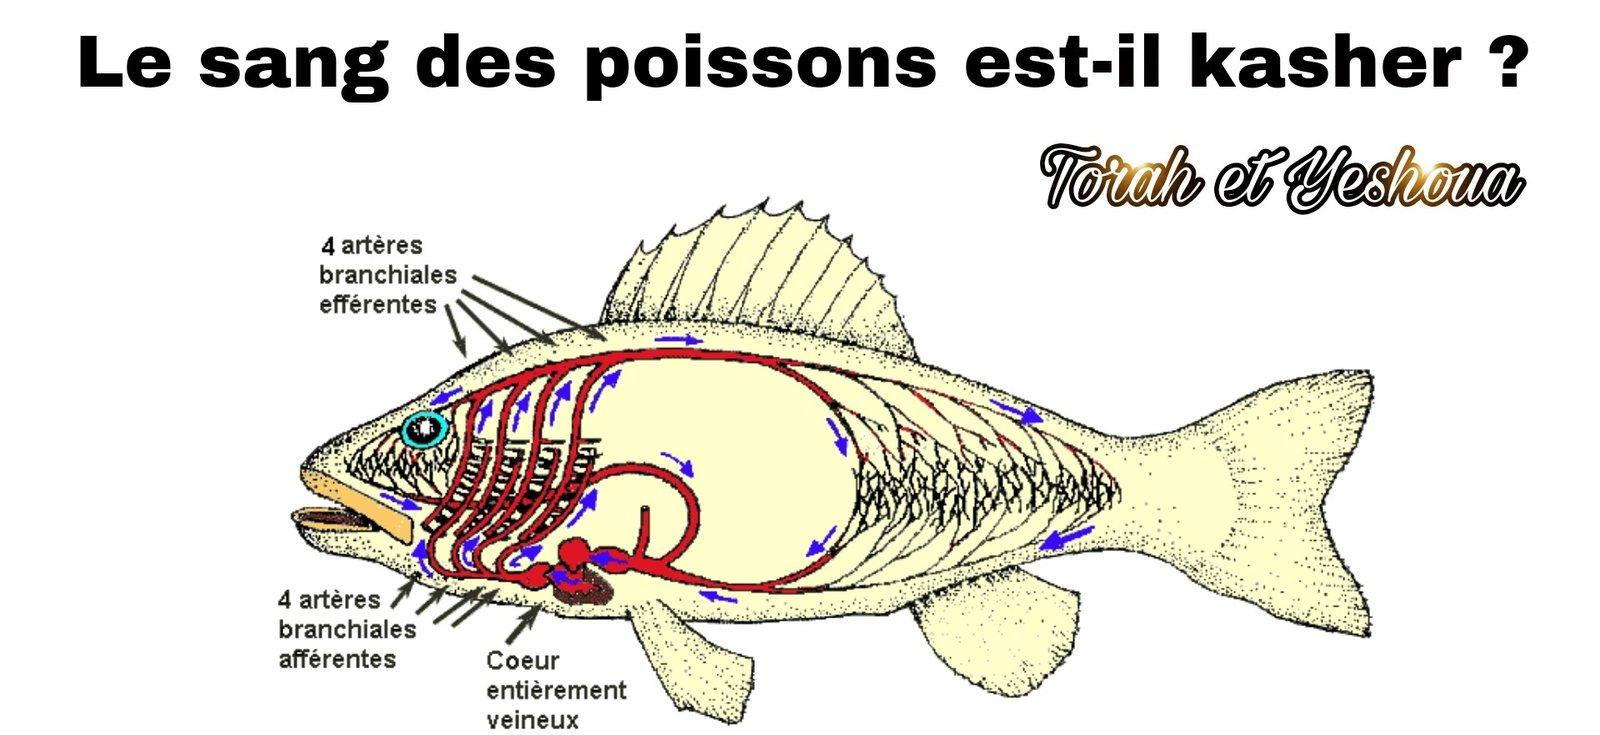 Le sang des poissons est-il kasher ? 20090704495475523